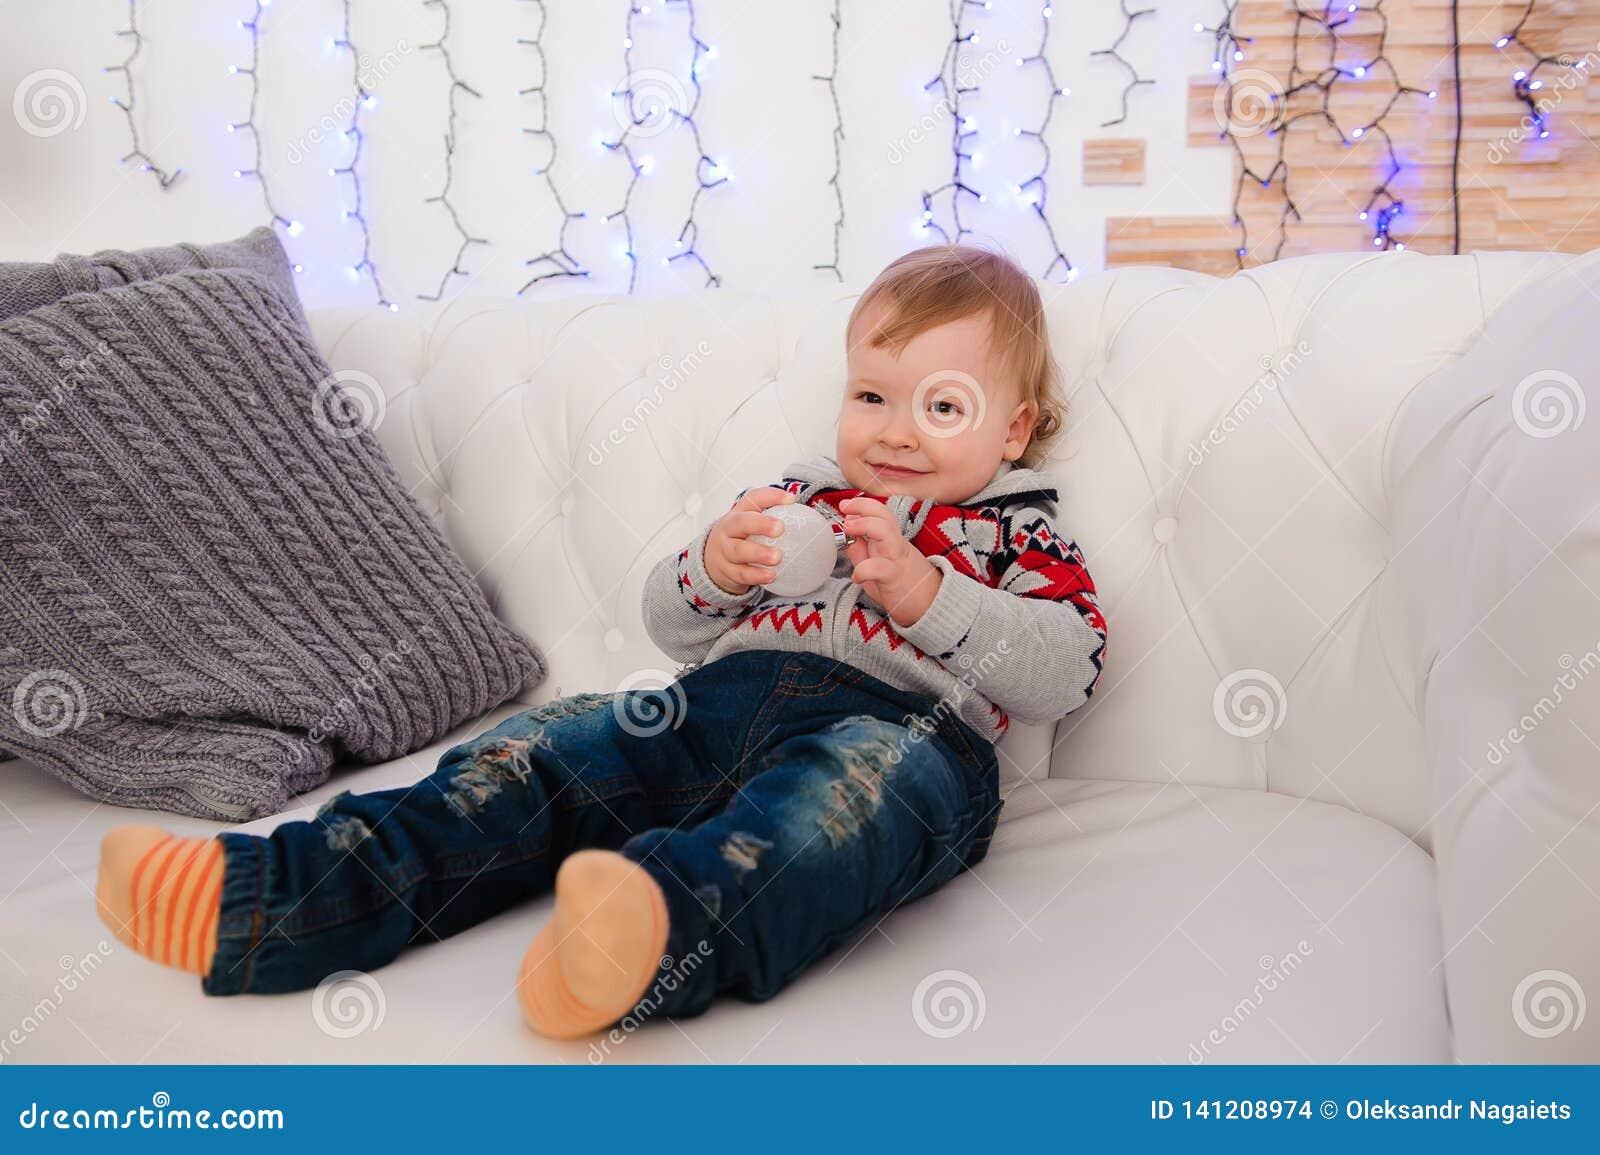 Το χαριτωμένο μικρό παιδί κάθεται στον καναπέ στο σπίτι